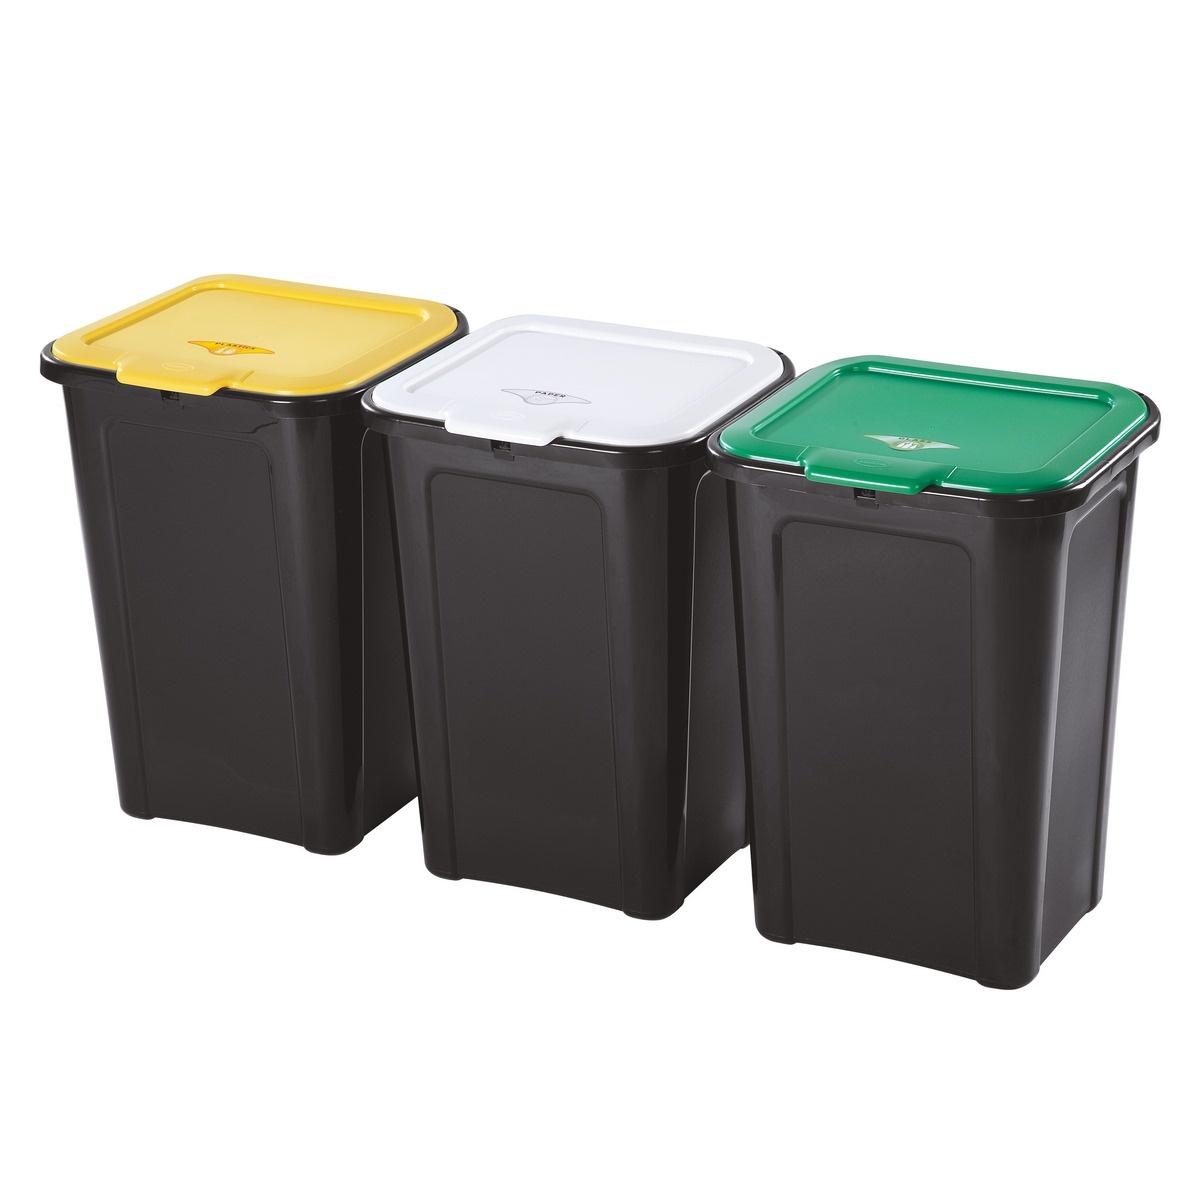 Tontarelli Koš na tříděný odpad 3 x 45 l, černá